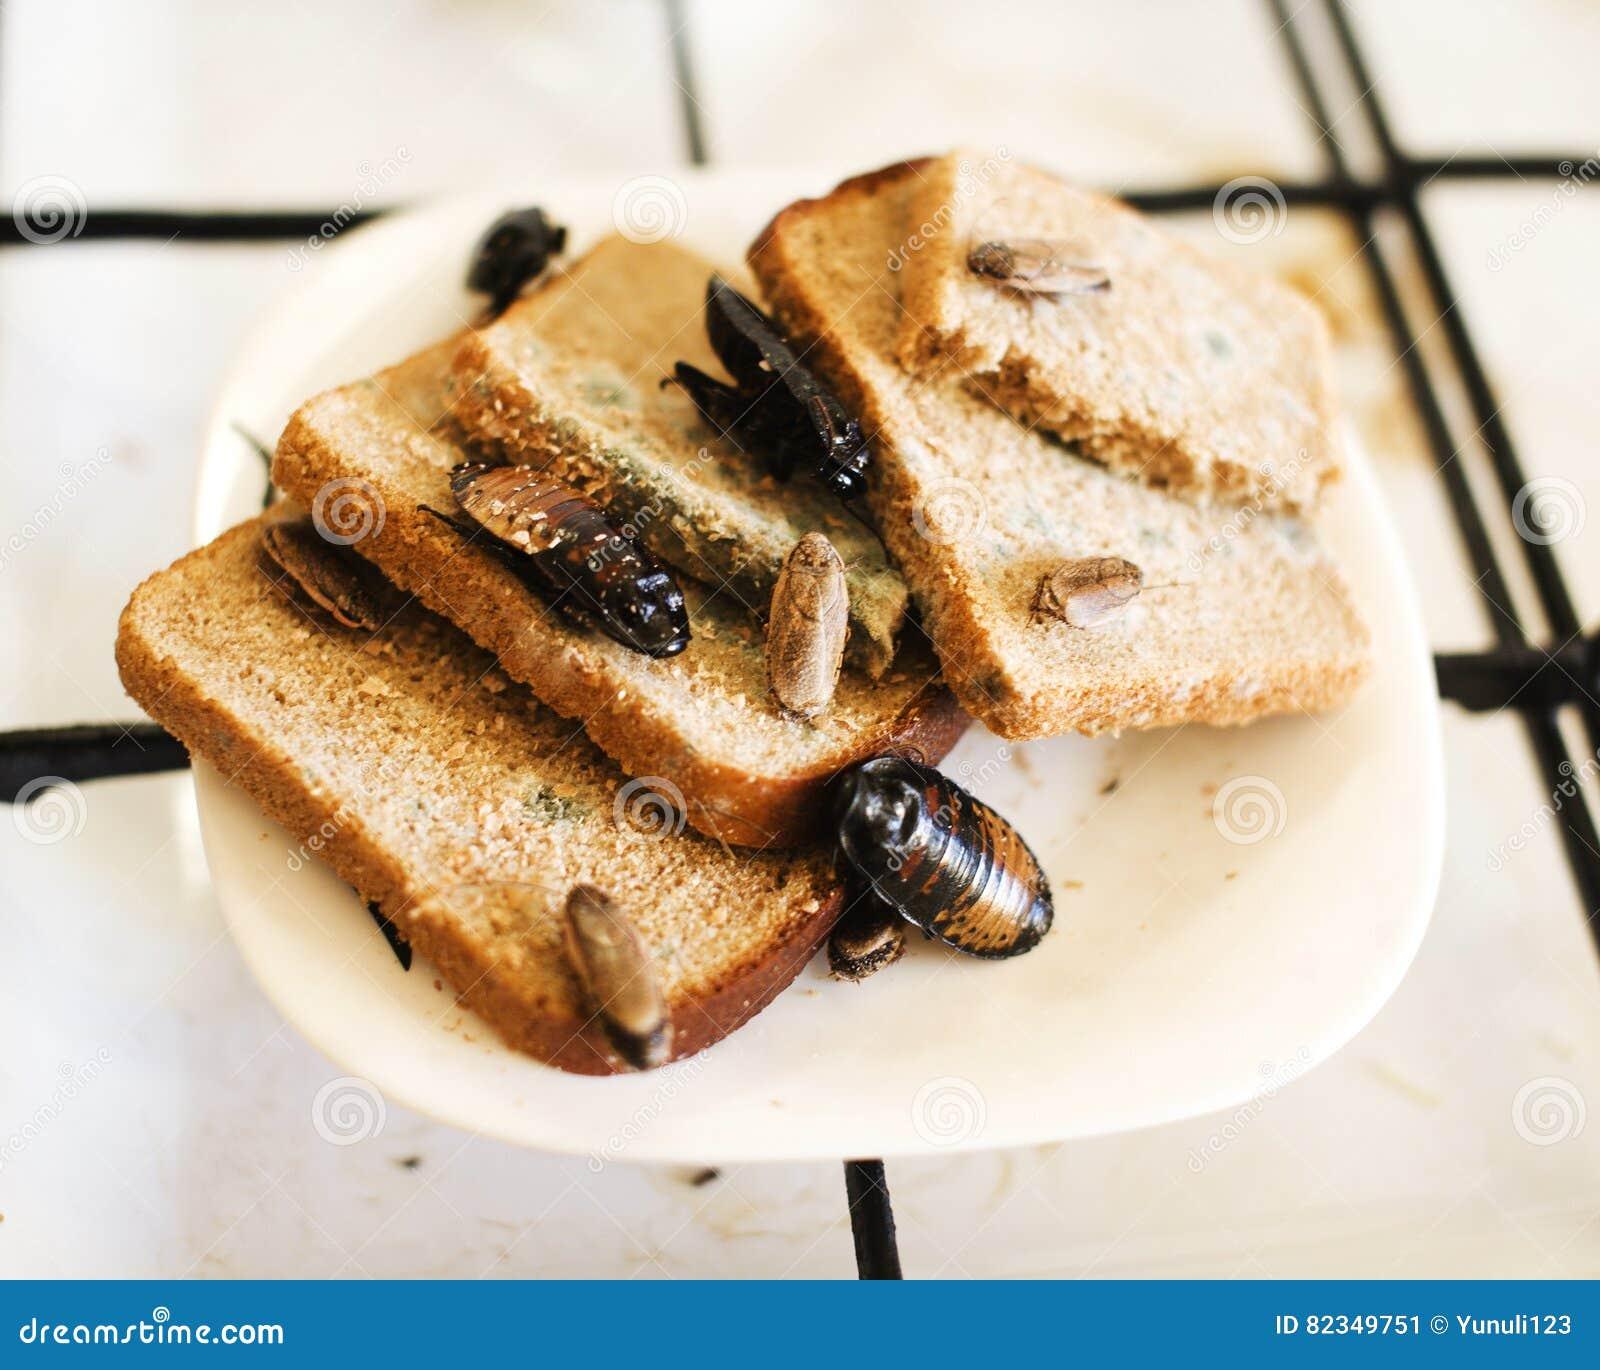 Bonito cucarachas en la cocina fotos cocina de la for Como eliminar cucarachas pequenas en casa